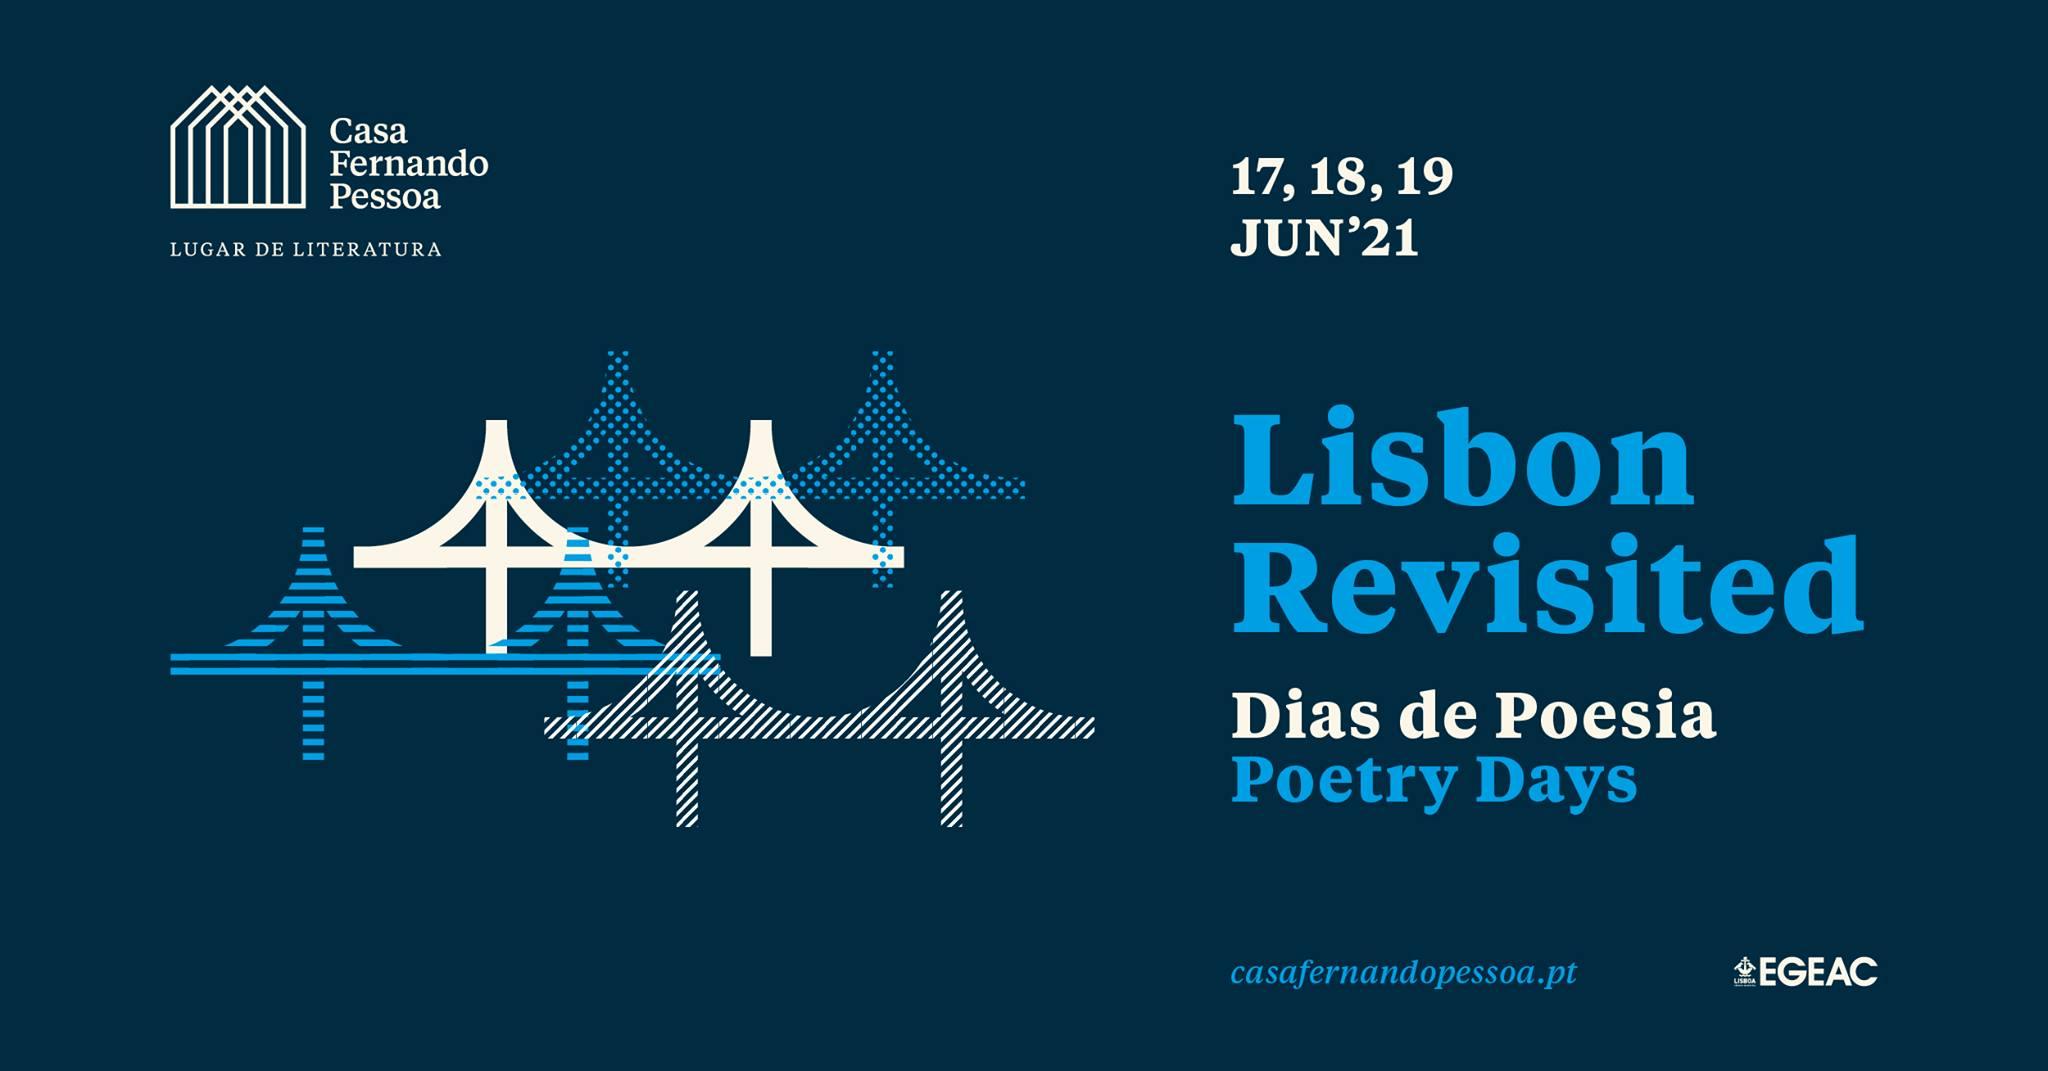 Lisbon Revisited - Dias de Poesia